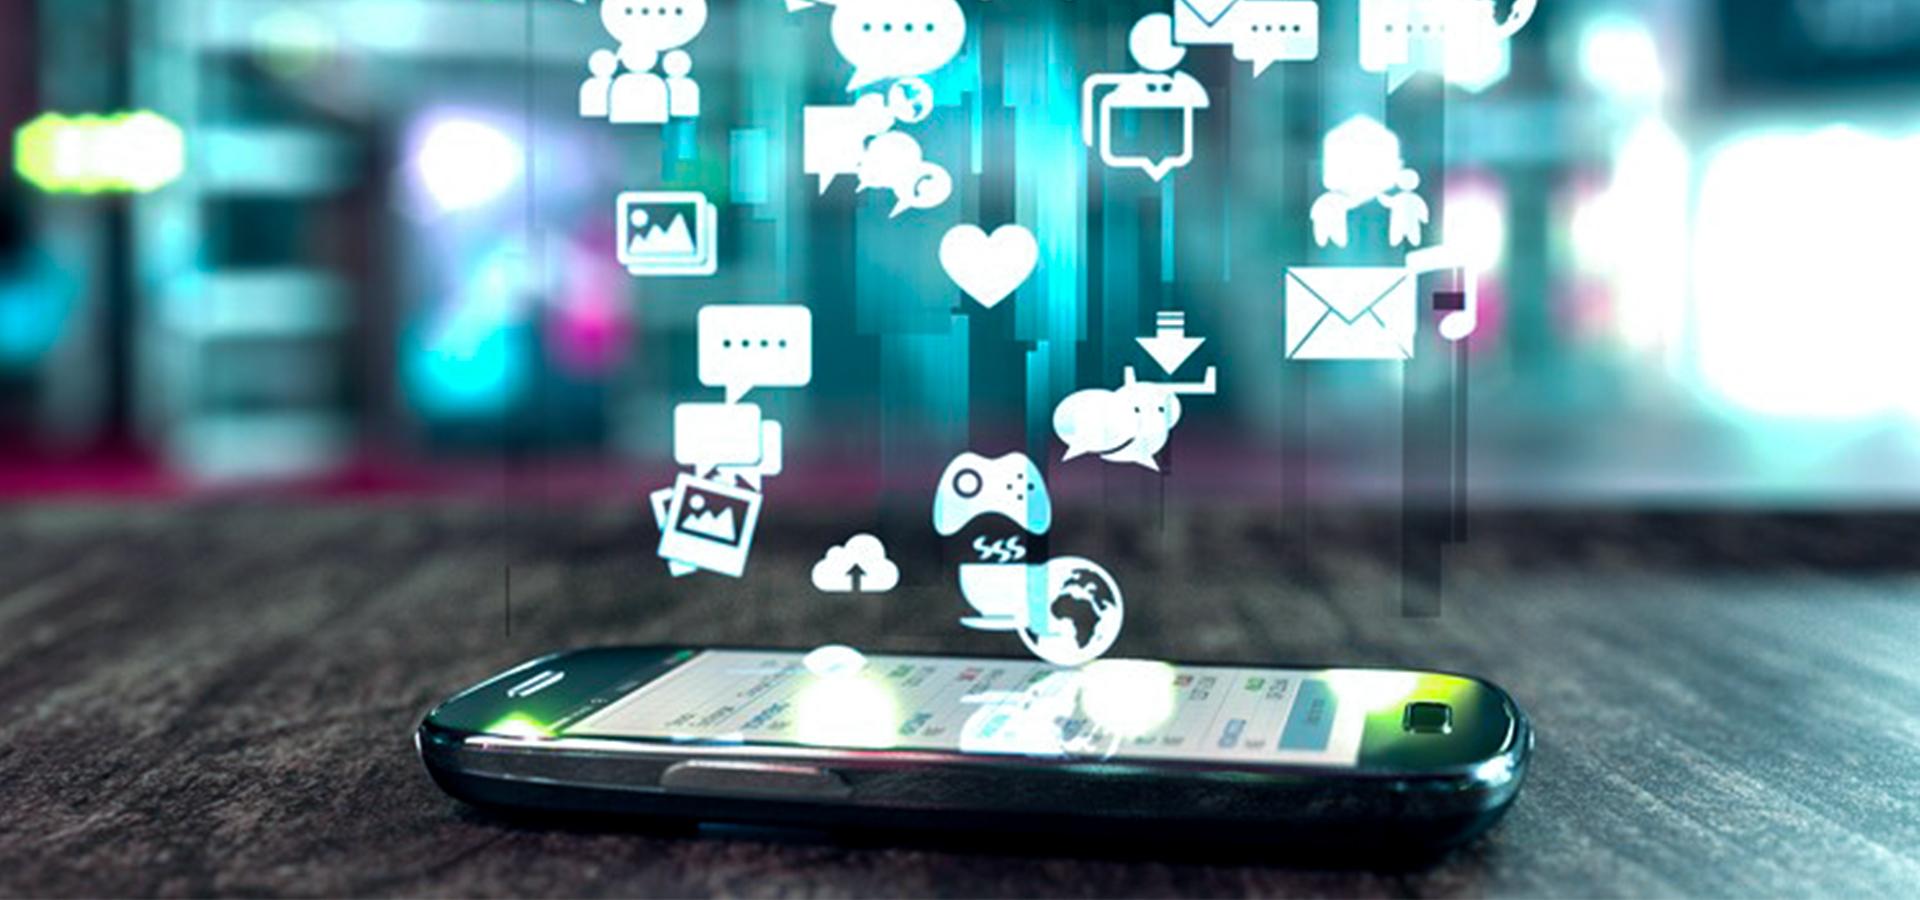 Мобільні тенденції, які можуть змінити e-commerce назавжди